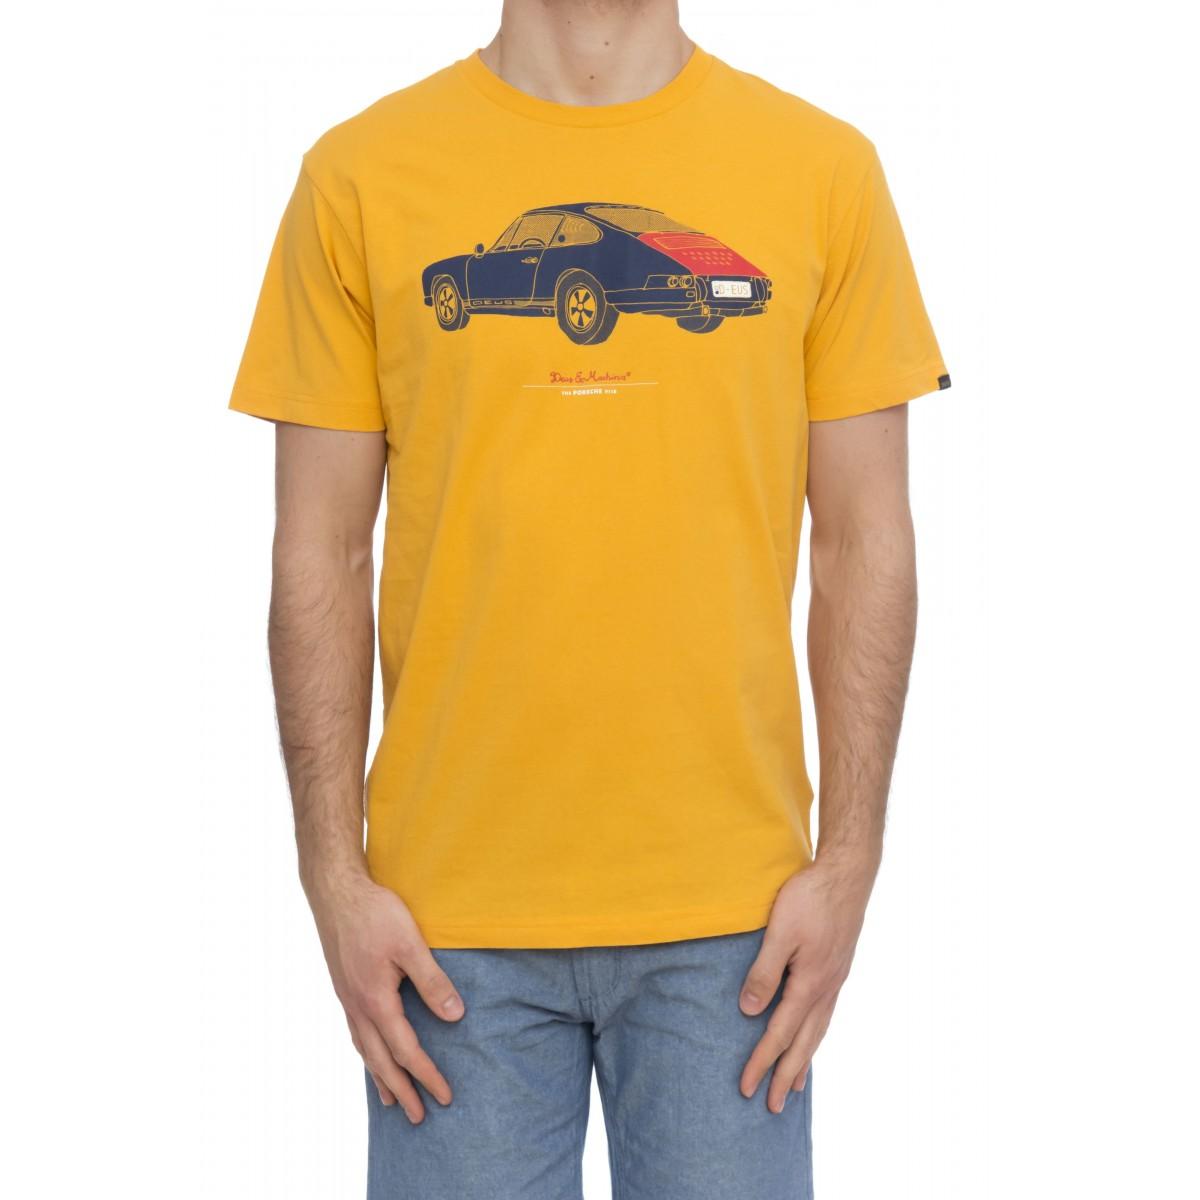 T-shirt - Tee0149 t-shirt porsche